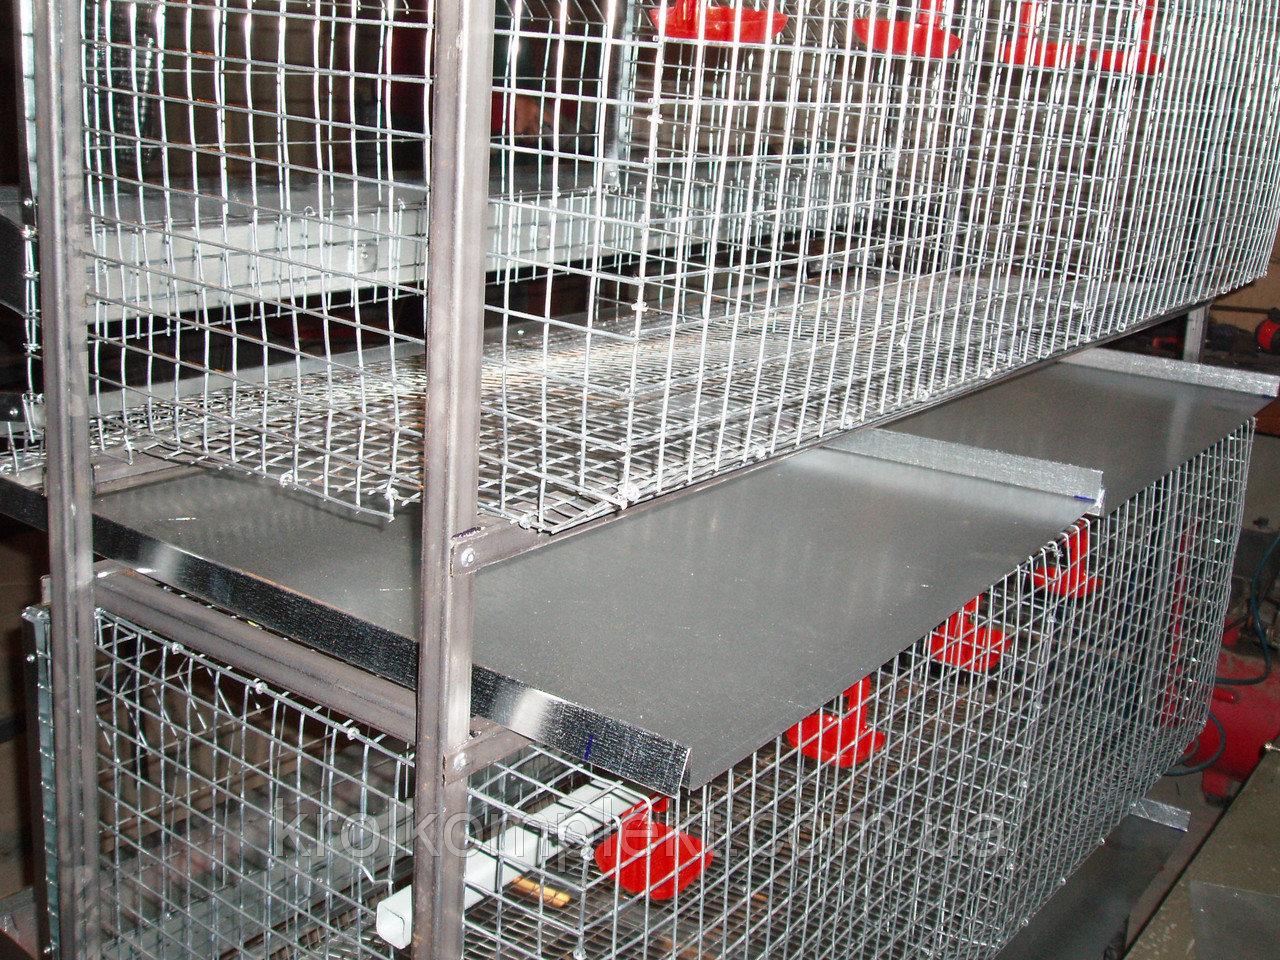 Содержание кур в клетках в домашних условиях: размеры клеток